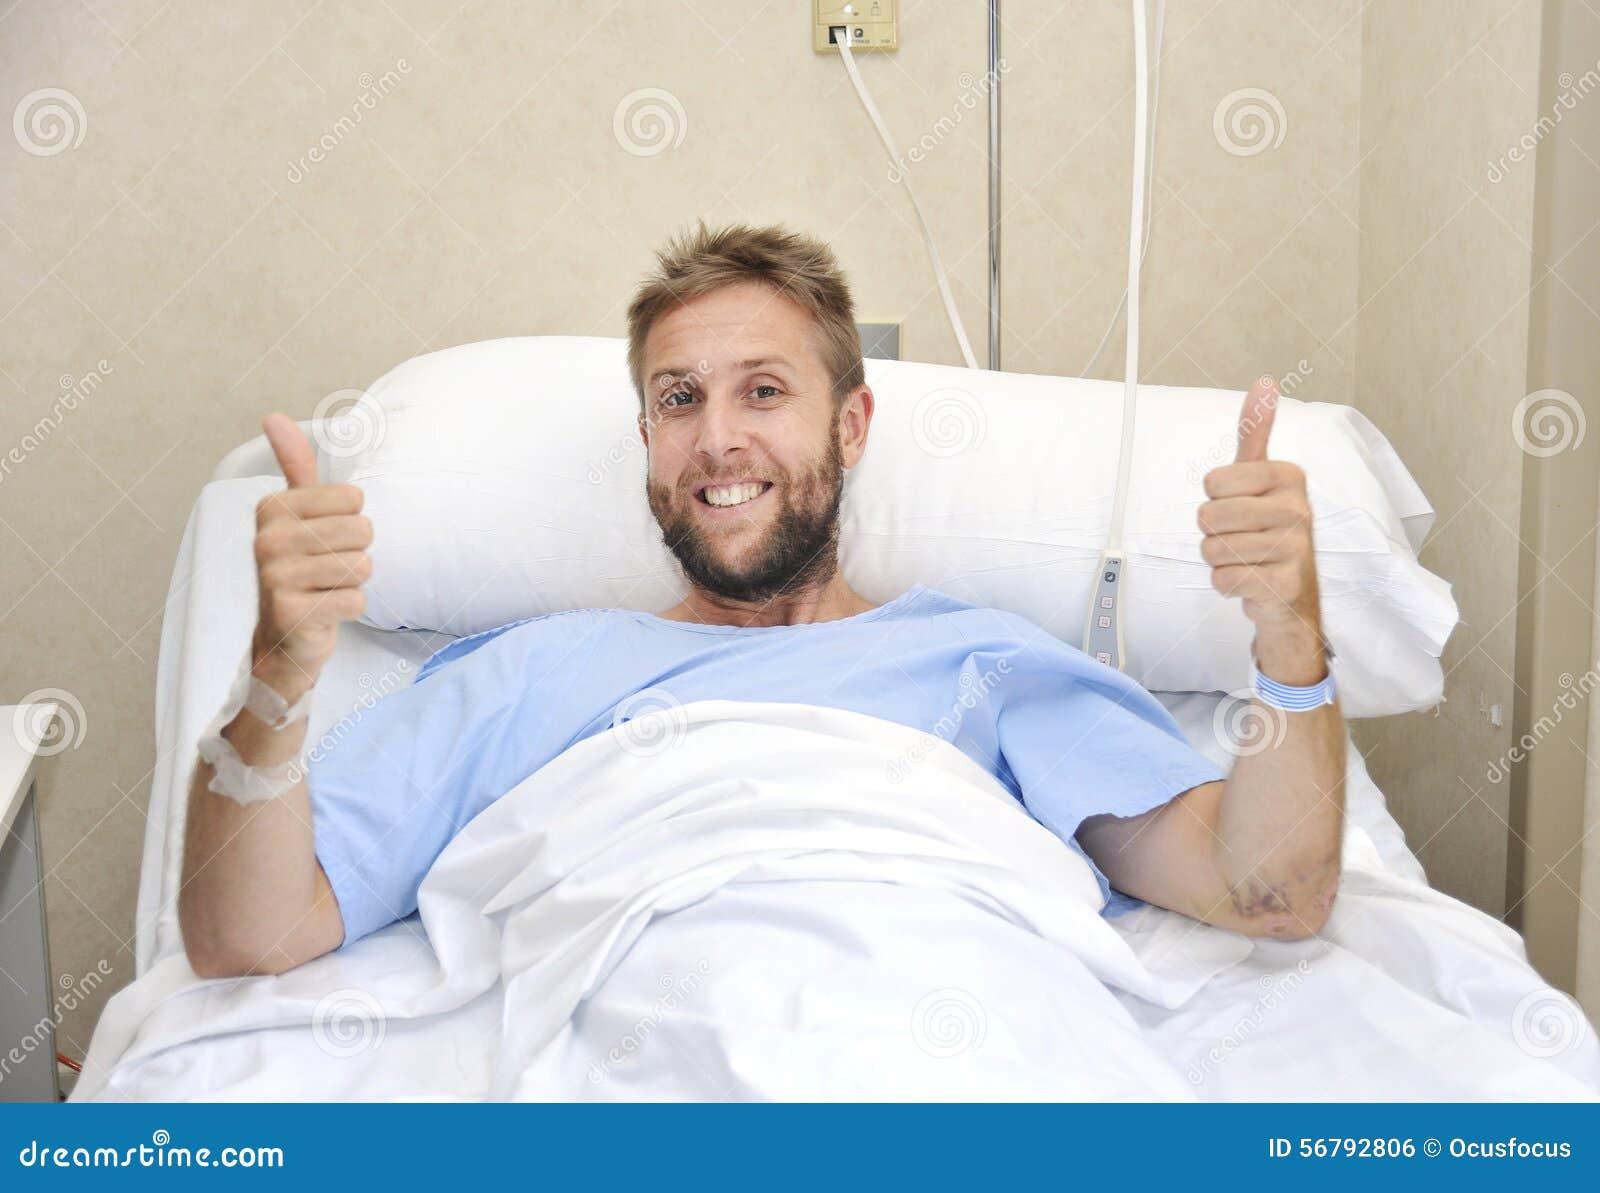 O homem americano novo que encontra-se na cama na sala de hospital doente ou doente mas que dá manuseia acima do sorriso feliz e